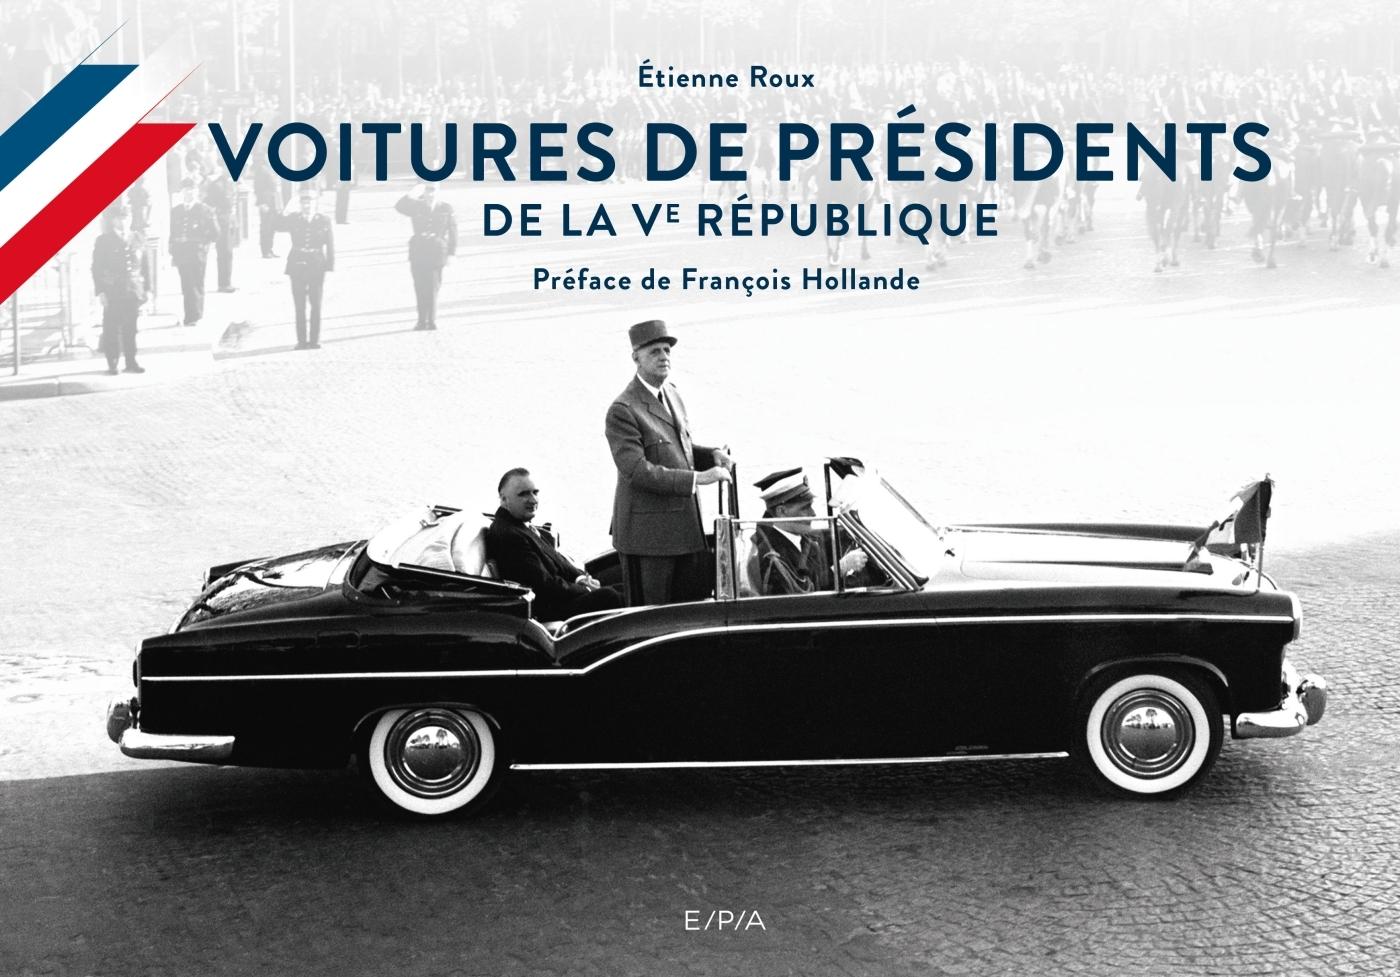 VOITURES DE PRESIDENTS